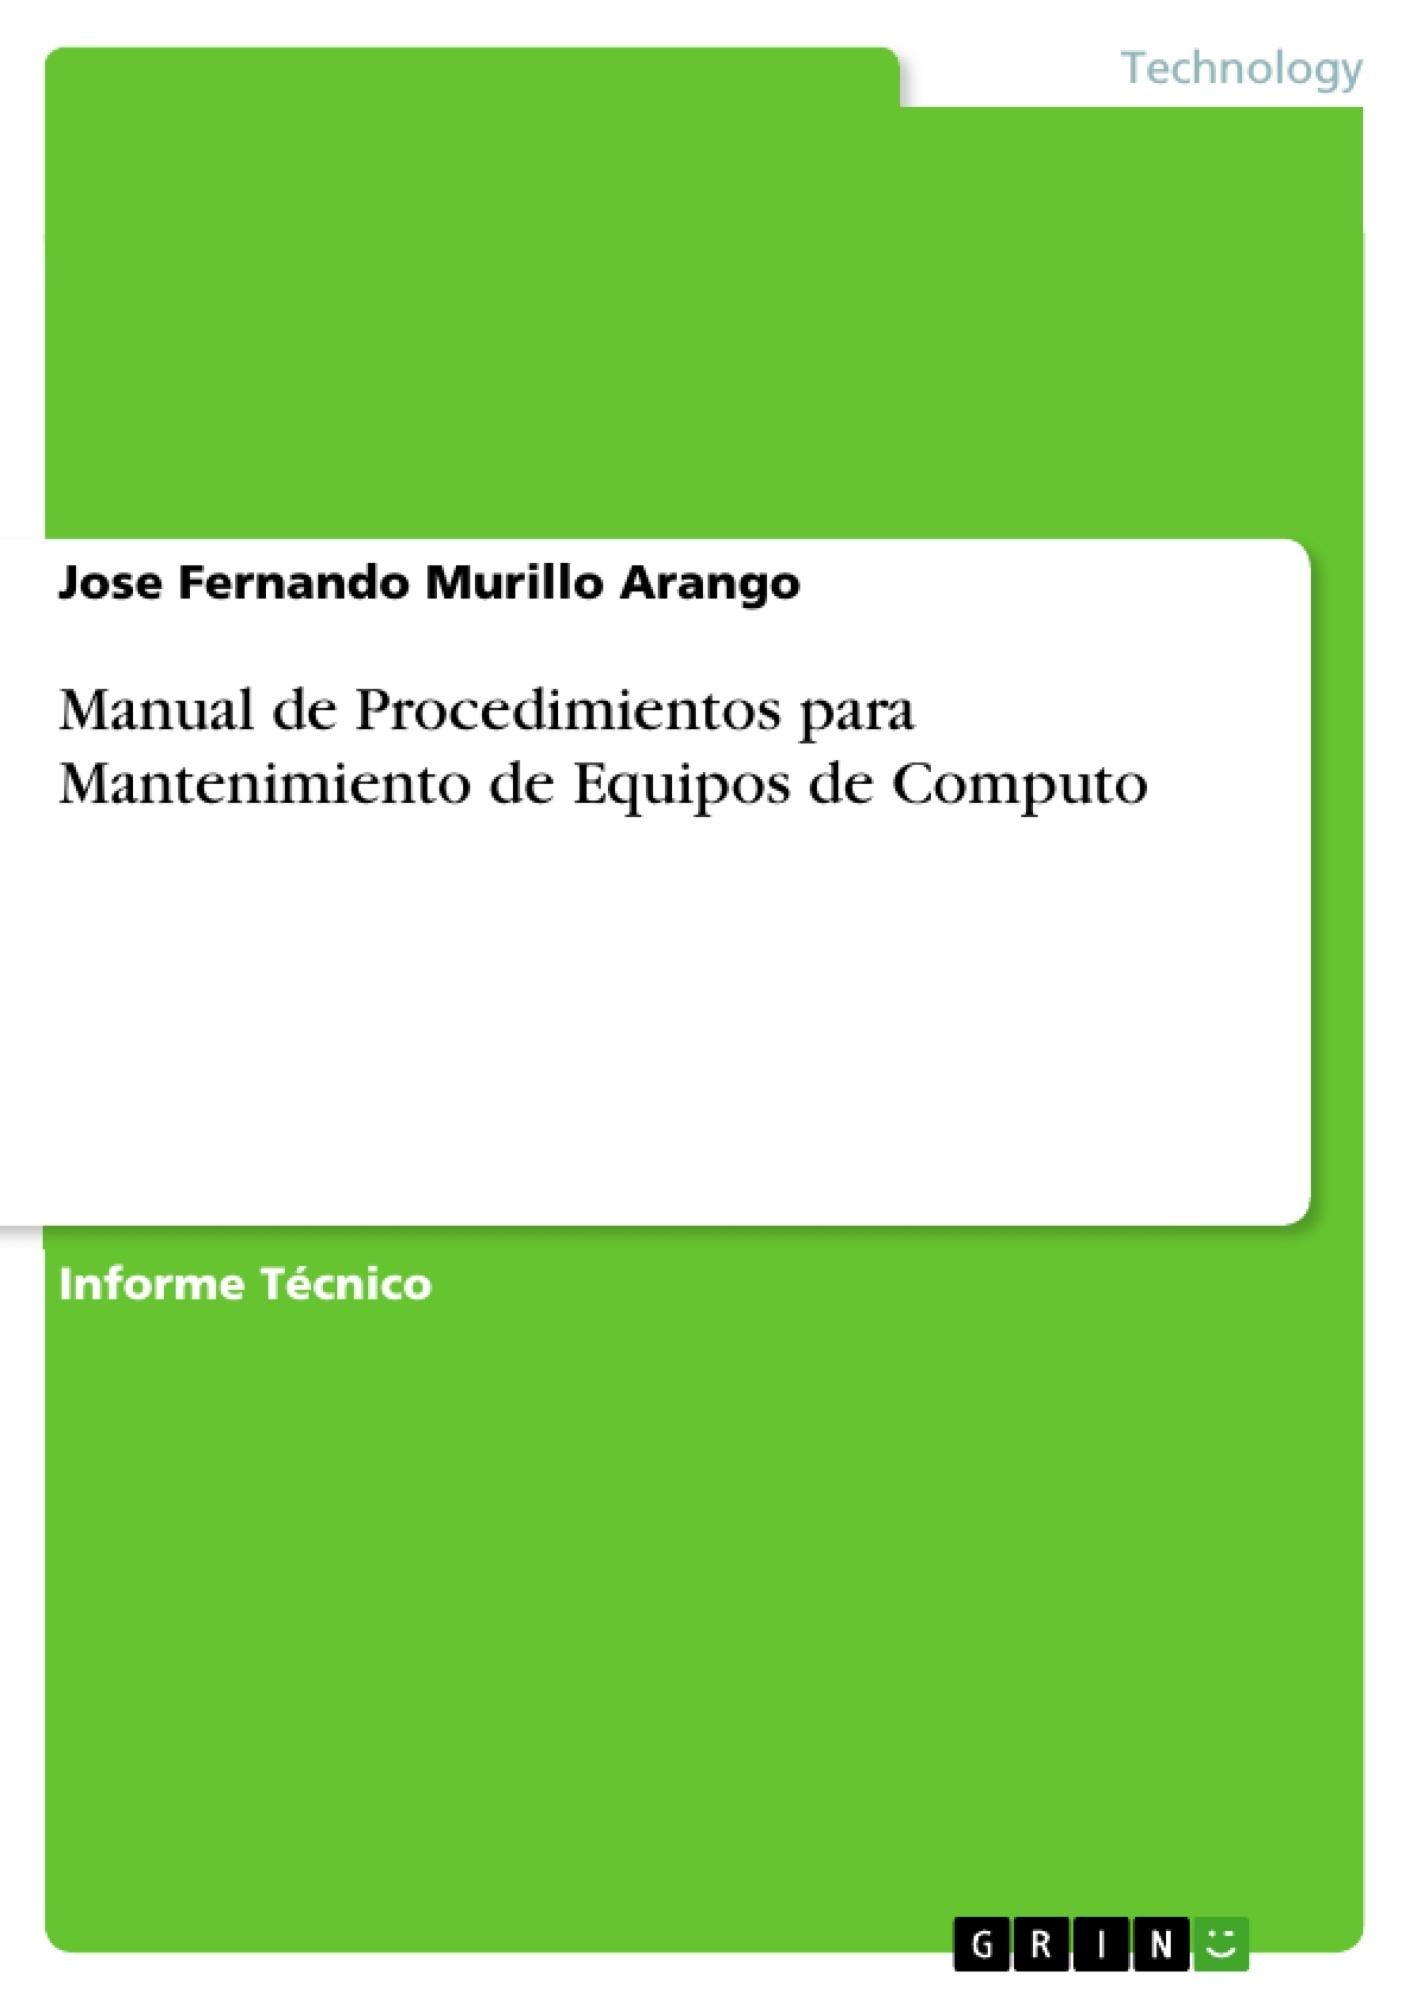 Manual de Procedimientos para Mantenimiento de Equipos de Computo ...